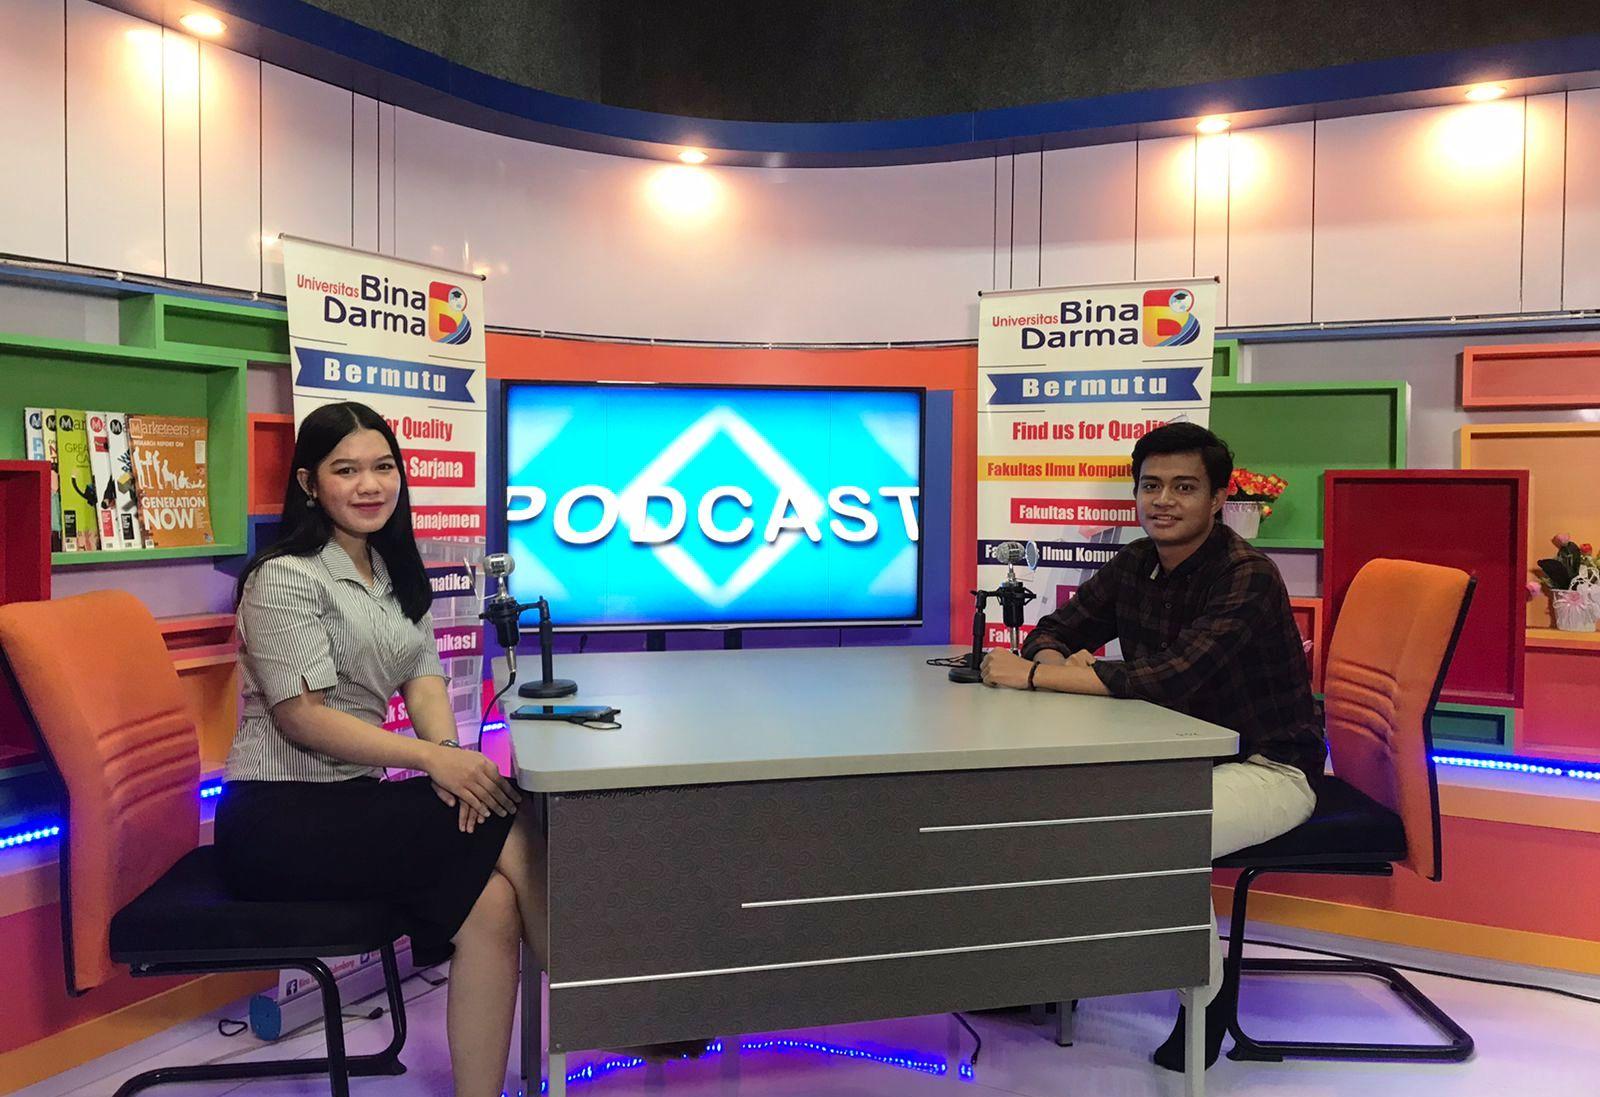 Suasana Studio Bina Darma TV Saat Casting.